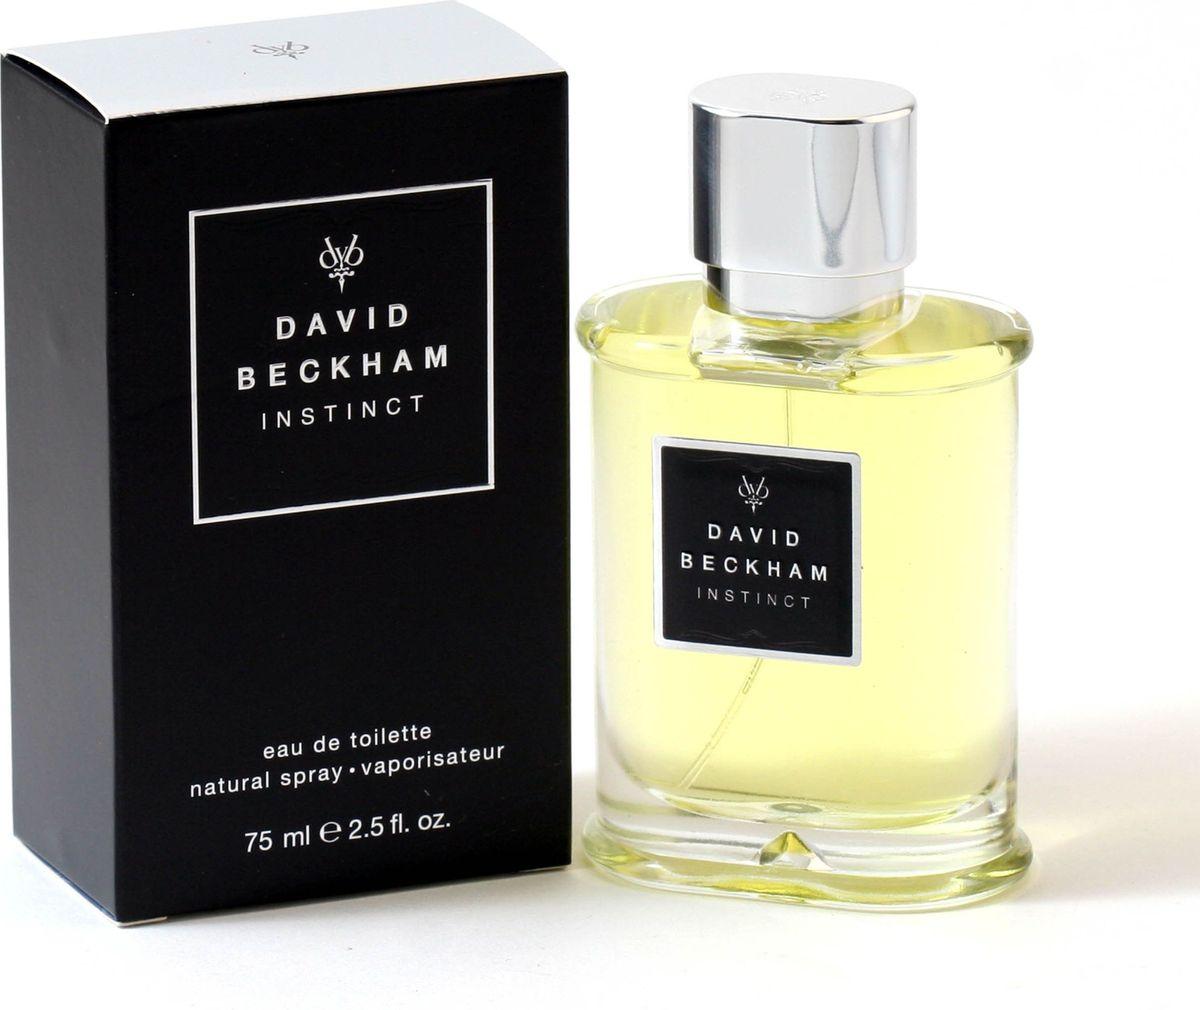 David Beckham Instinct Туалетная вода мужская 75 мл15000007000Это дебютный аромат, созданный Дэвидом и Викторией Бэкхэм в 2005 году. Флакон аромата выполнен в классическом для мужских ароматов флаконе. Единственным украшением служит массивный металлический колпачо